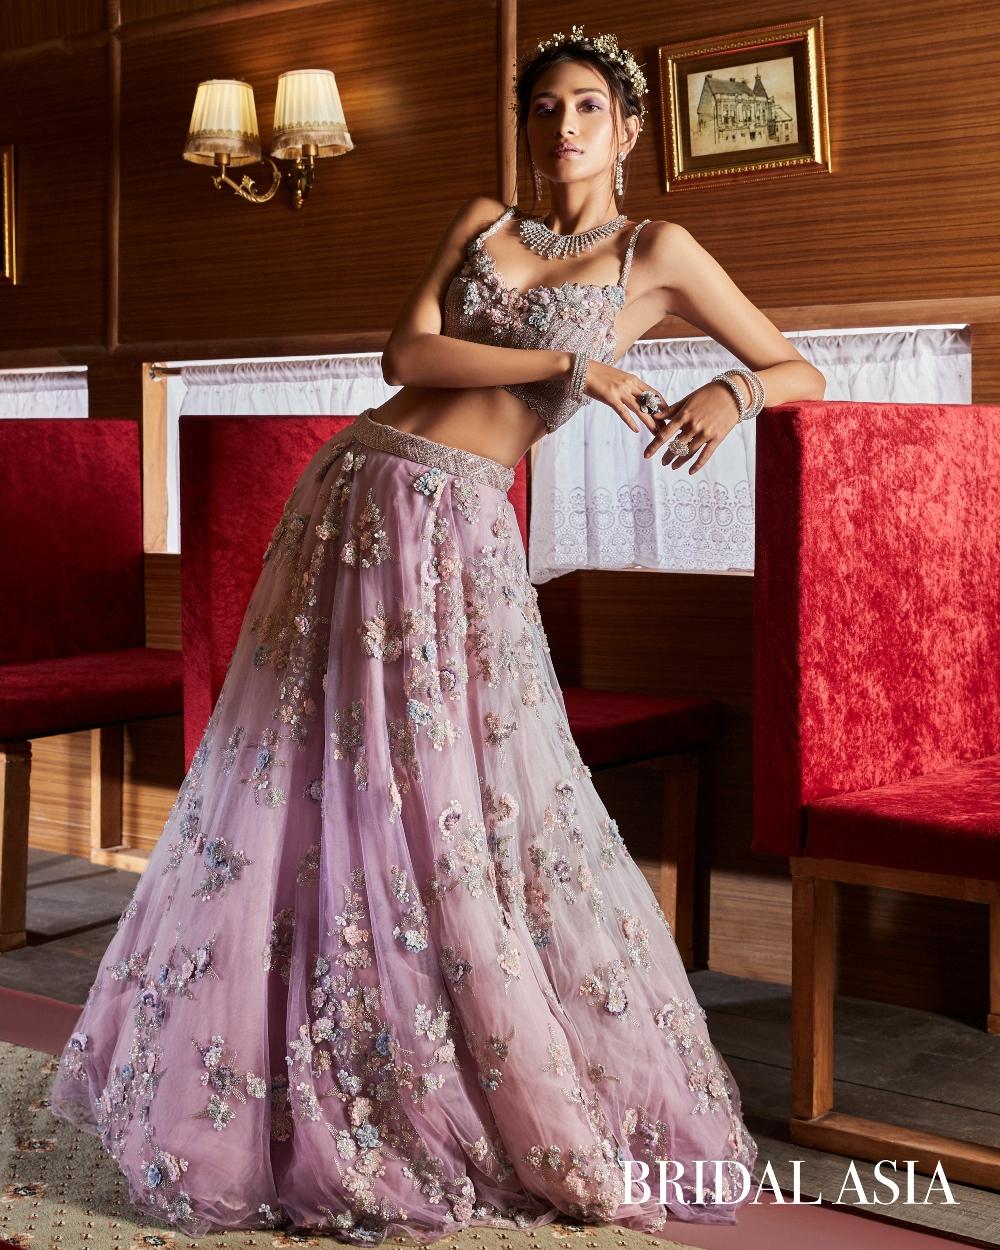 Bridal Asia Campaign -Natasha Dalalr